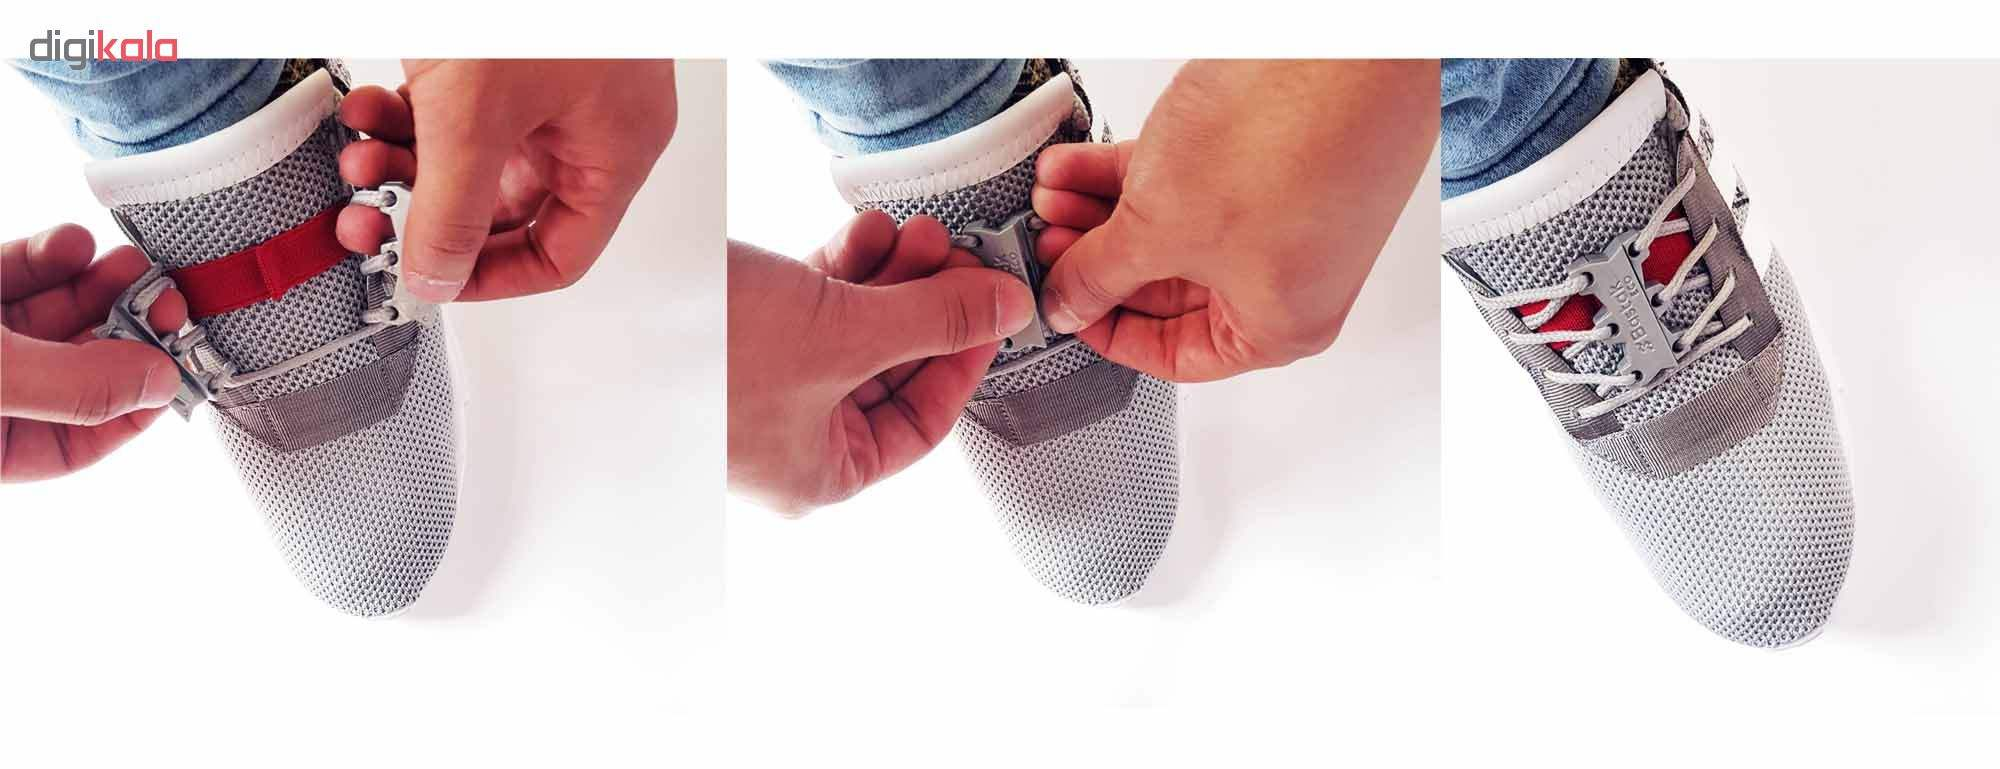 بند کفش مغناطیسی بستاک مدل اِکو E110 رنگ نقره ای main 1 7